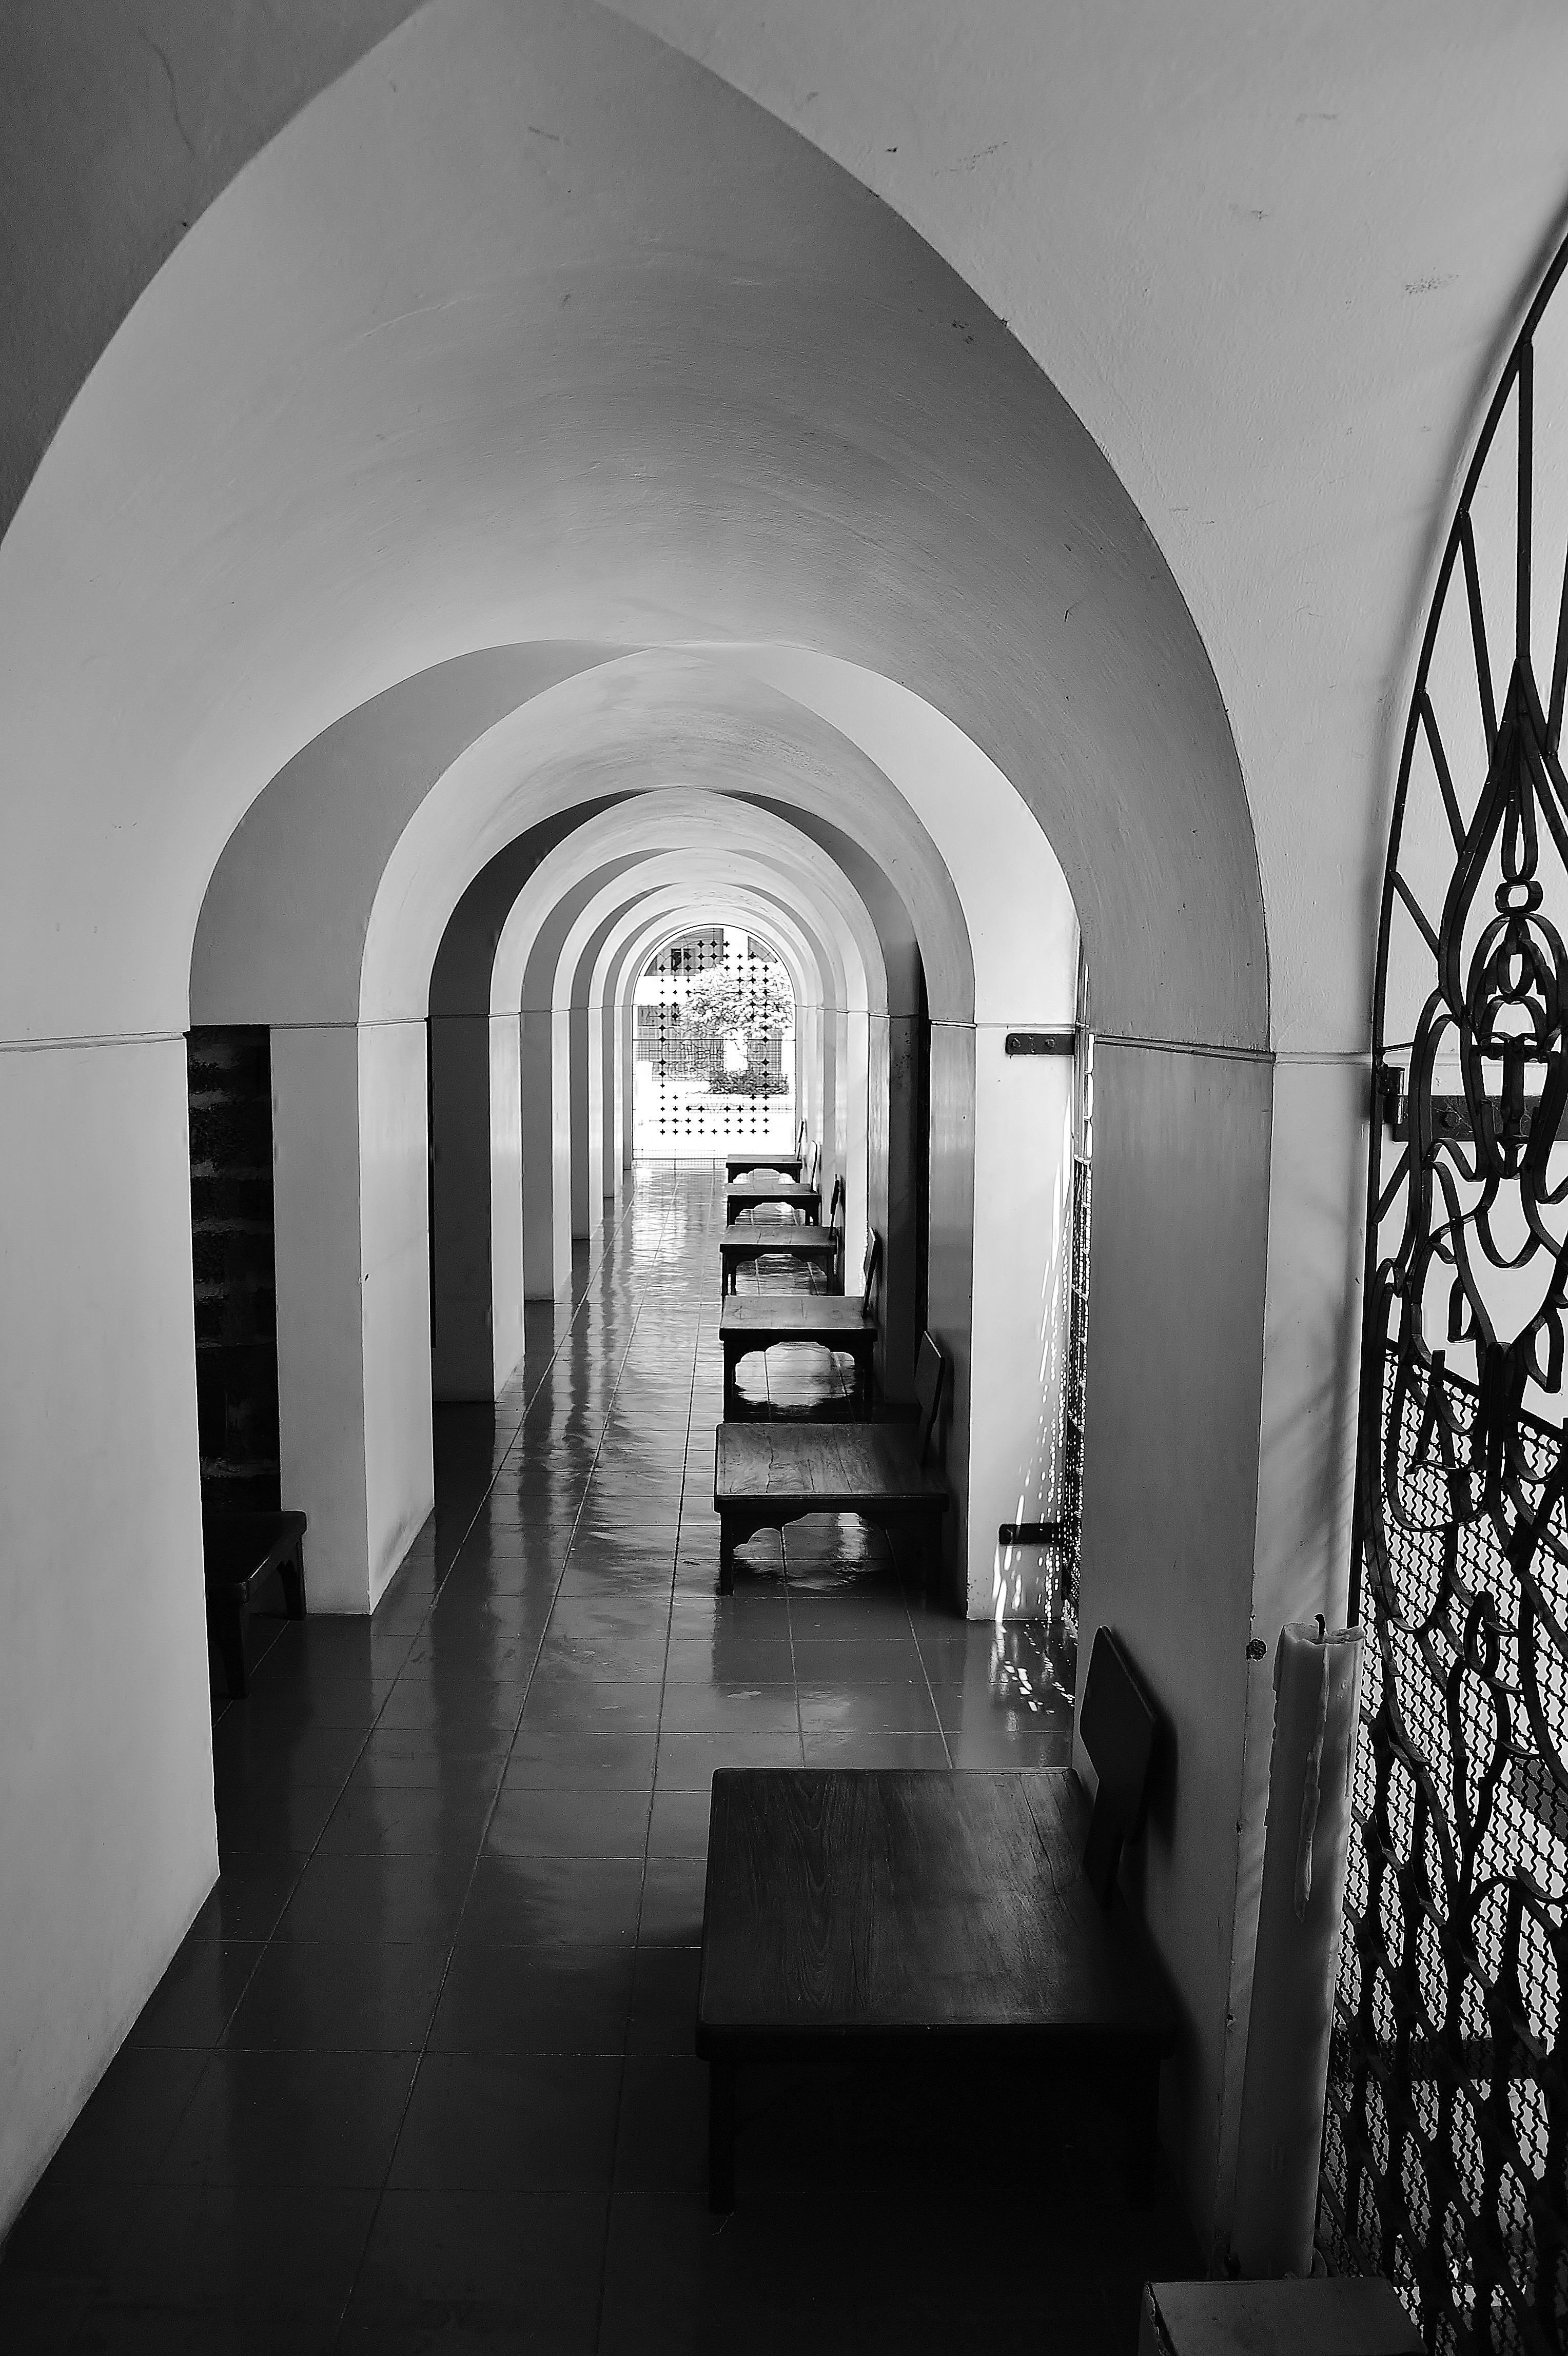 Fotos gratis ligero en blanco y negro arquitectura fotograf a casa edificio arco - Arquitectura en diseno de interiores ...